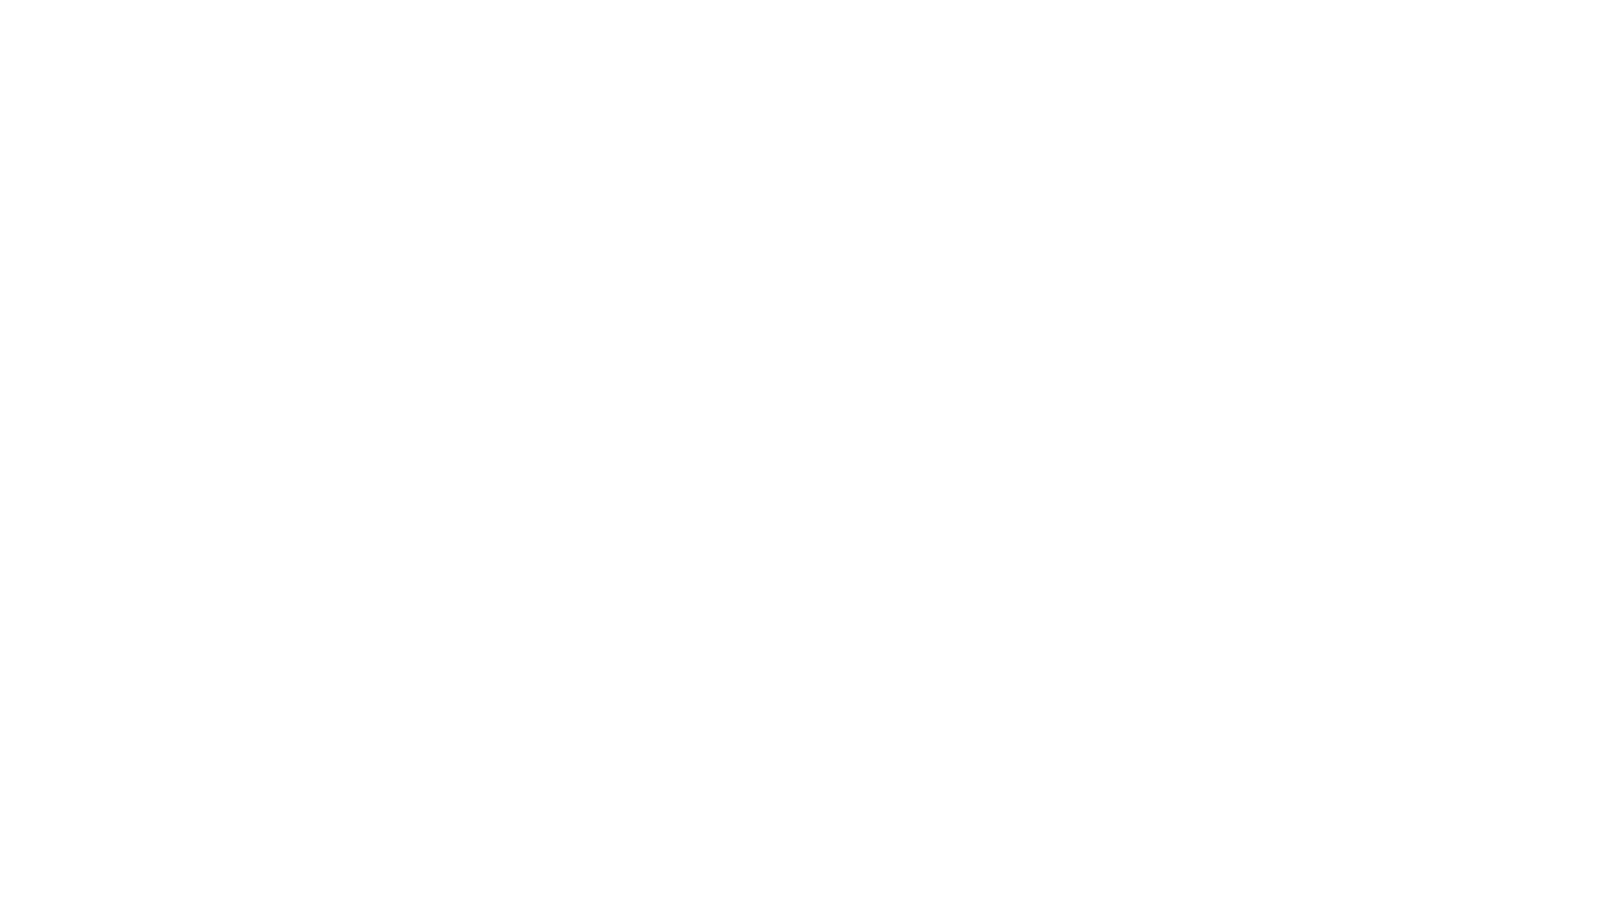 HAJI FURODA 2022/1443 H Visa Mujamalah Langsung Berangkat Tanpa AntriHaji Khusus Tanpa Antri Visa Furoda atau Visa Mujamalah, Resmi, Garansi uang kembali 100% apabila Visa Haji tidak terbit.Akad Transaksi Haji akan diregistrasi oleh Notaris (Waarmerking), In Syaa Allah Aman dan berlandaskan hukum. Jangan ragu mendaftar Ibadah Haji bersama kami.BIAYA: Quad: $17.500 Triple: $18.500 Double: $19.500FASILITAS: 1. Visa Haji Furoda/Mujamalah Resmi 2. Pesawat Saudia/Garuda direct Jeddah/Madinah 3. Hotel Mekah Safwah Orchid/setaraf *5 ± 50M ke masjidil haram 4. Hotel Madinah Al Haram/Setaraf, *5 ± 50M ke masjid nabawi 5. Apartemen transit Mekkah standard minimal Bintang 4 6. Konsumsi 3X sehari 7. Tenda di Arofah – Mina Maktab Furoda (93 – 96) 8. Bus AC di Mekah dan Madinah 9. Free bagasi 23 kg x2 10. Airport Lounge (Soekarno Hatta) 11. Bimbingan Ibadah Haji oleh Ustadz Zainudin Khuzairi, Hafidzahullah (sesuai tuntunan Syar'i) 12. Free Tahalul 13. Free Kunjungan ke Museum Zam Zam Tower 14. Free AlQuran cetakan Madinah Asli 15. Free Al Baik Fried Chicken di Madinah dan Makkah 16. Free City Tour di Jeddah, Makkkah dan Madinah (Jika dibuka oleh otoritas Saudi) 17. Free kunjungan ke percetakan AlQuran Madinah (jika dibuka untuk Umum) 18. Free Ziarah ke Jabbal Magnet Madinah (Jika dibuka untuk Umum) 19. Perlengkapan Haji Komplit, Koper Bagasi 24 inch, Handbag Trolley, Tas Paspor, Tas Sandal, Syal Travel, Buku Bimbingan Ibadah HajiInfo lebih lengkap di : https://www.pusatumroh.id/haji-furoda➡️ Konsultasi dan tanya jawab melalui.. ----------------------------------------------------------- Informasi & Pendaftaran: ⏰ Senin - Jum'at 08.00-17.00 📳 0857 1856 5025 (WhatsApp / Call) ----------------------------------------------------------- 🕋 Penyelenggara Ibadah Haji & Umroh ISO Certified 📄 PT. Bahana Sukses Sejahtera Izin Kemenag No. 481/2018 🌐 https://www.pusatumroh.id#haji1443 #hajj2022 #haji2022 #hajj1443 #hajj1443h #haji1443h #haji1443 #hajiindonesia #hajimujamalah #hajifuroda #haj